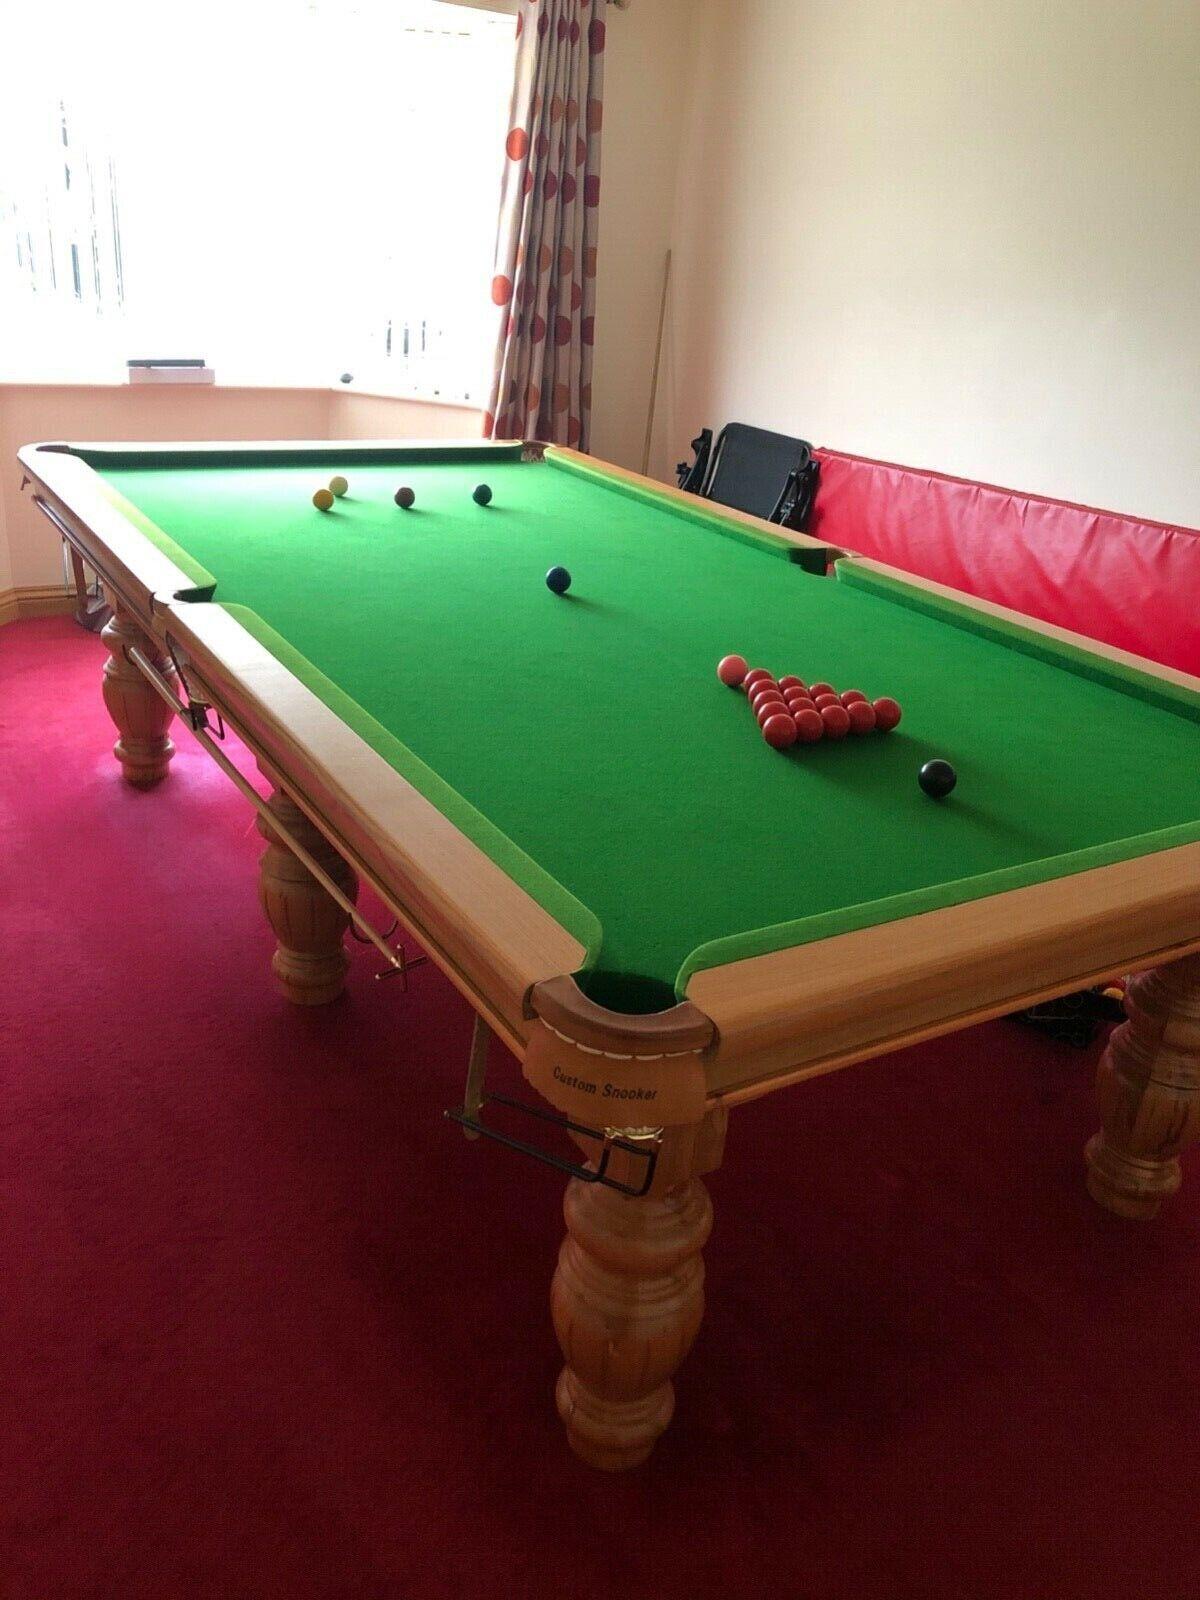 3/4 snooker table, full slate bed, oak